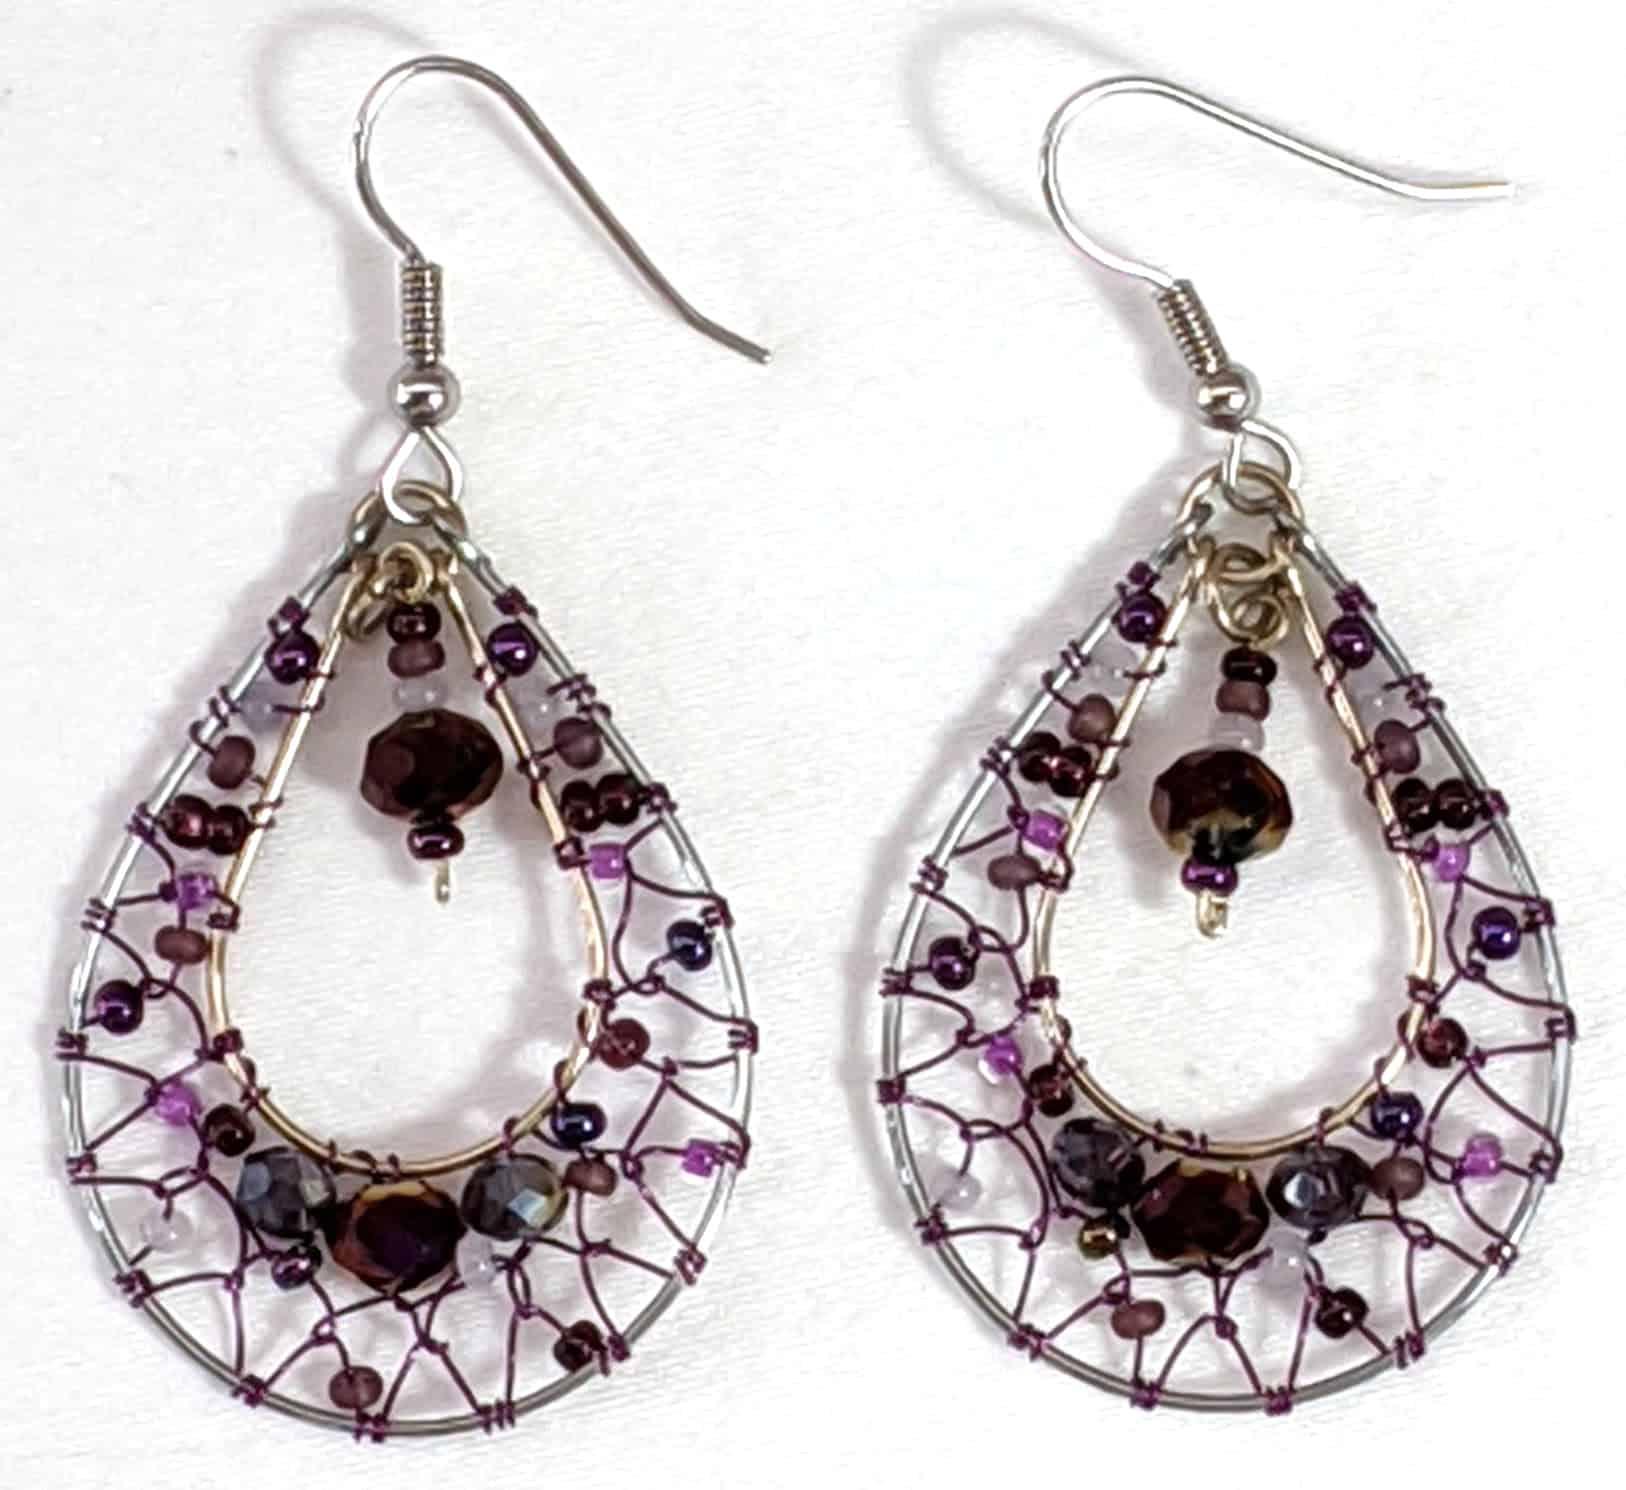 Teardrop Dreamcatcher Earrings - Purples